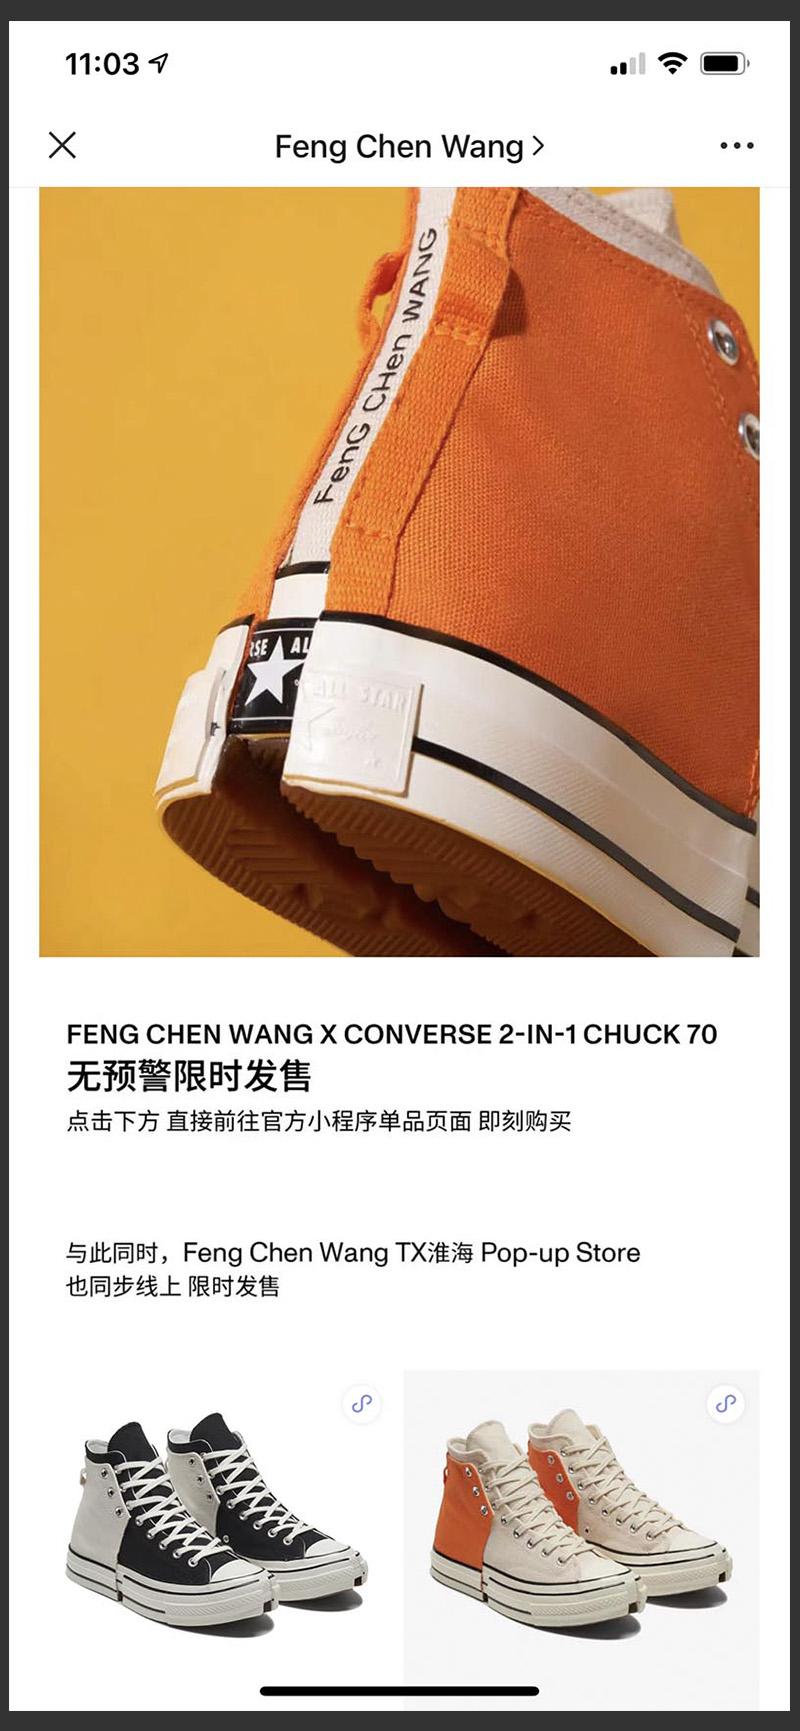 Union x Converse 新联名曝光!今早尚有神秘鞋款突击发售!